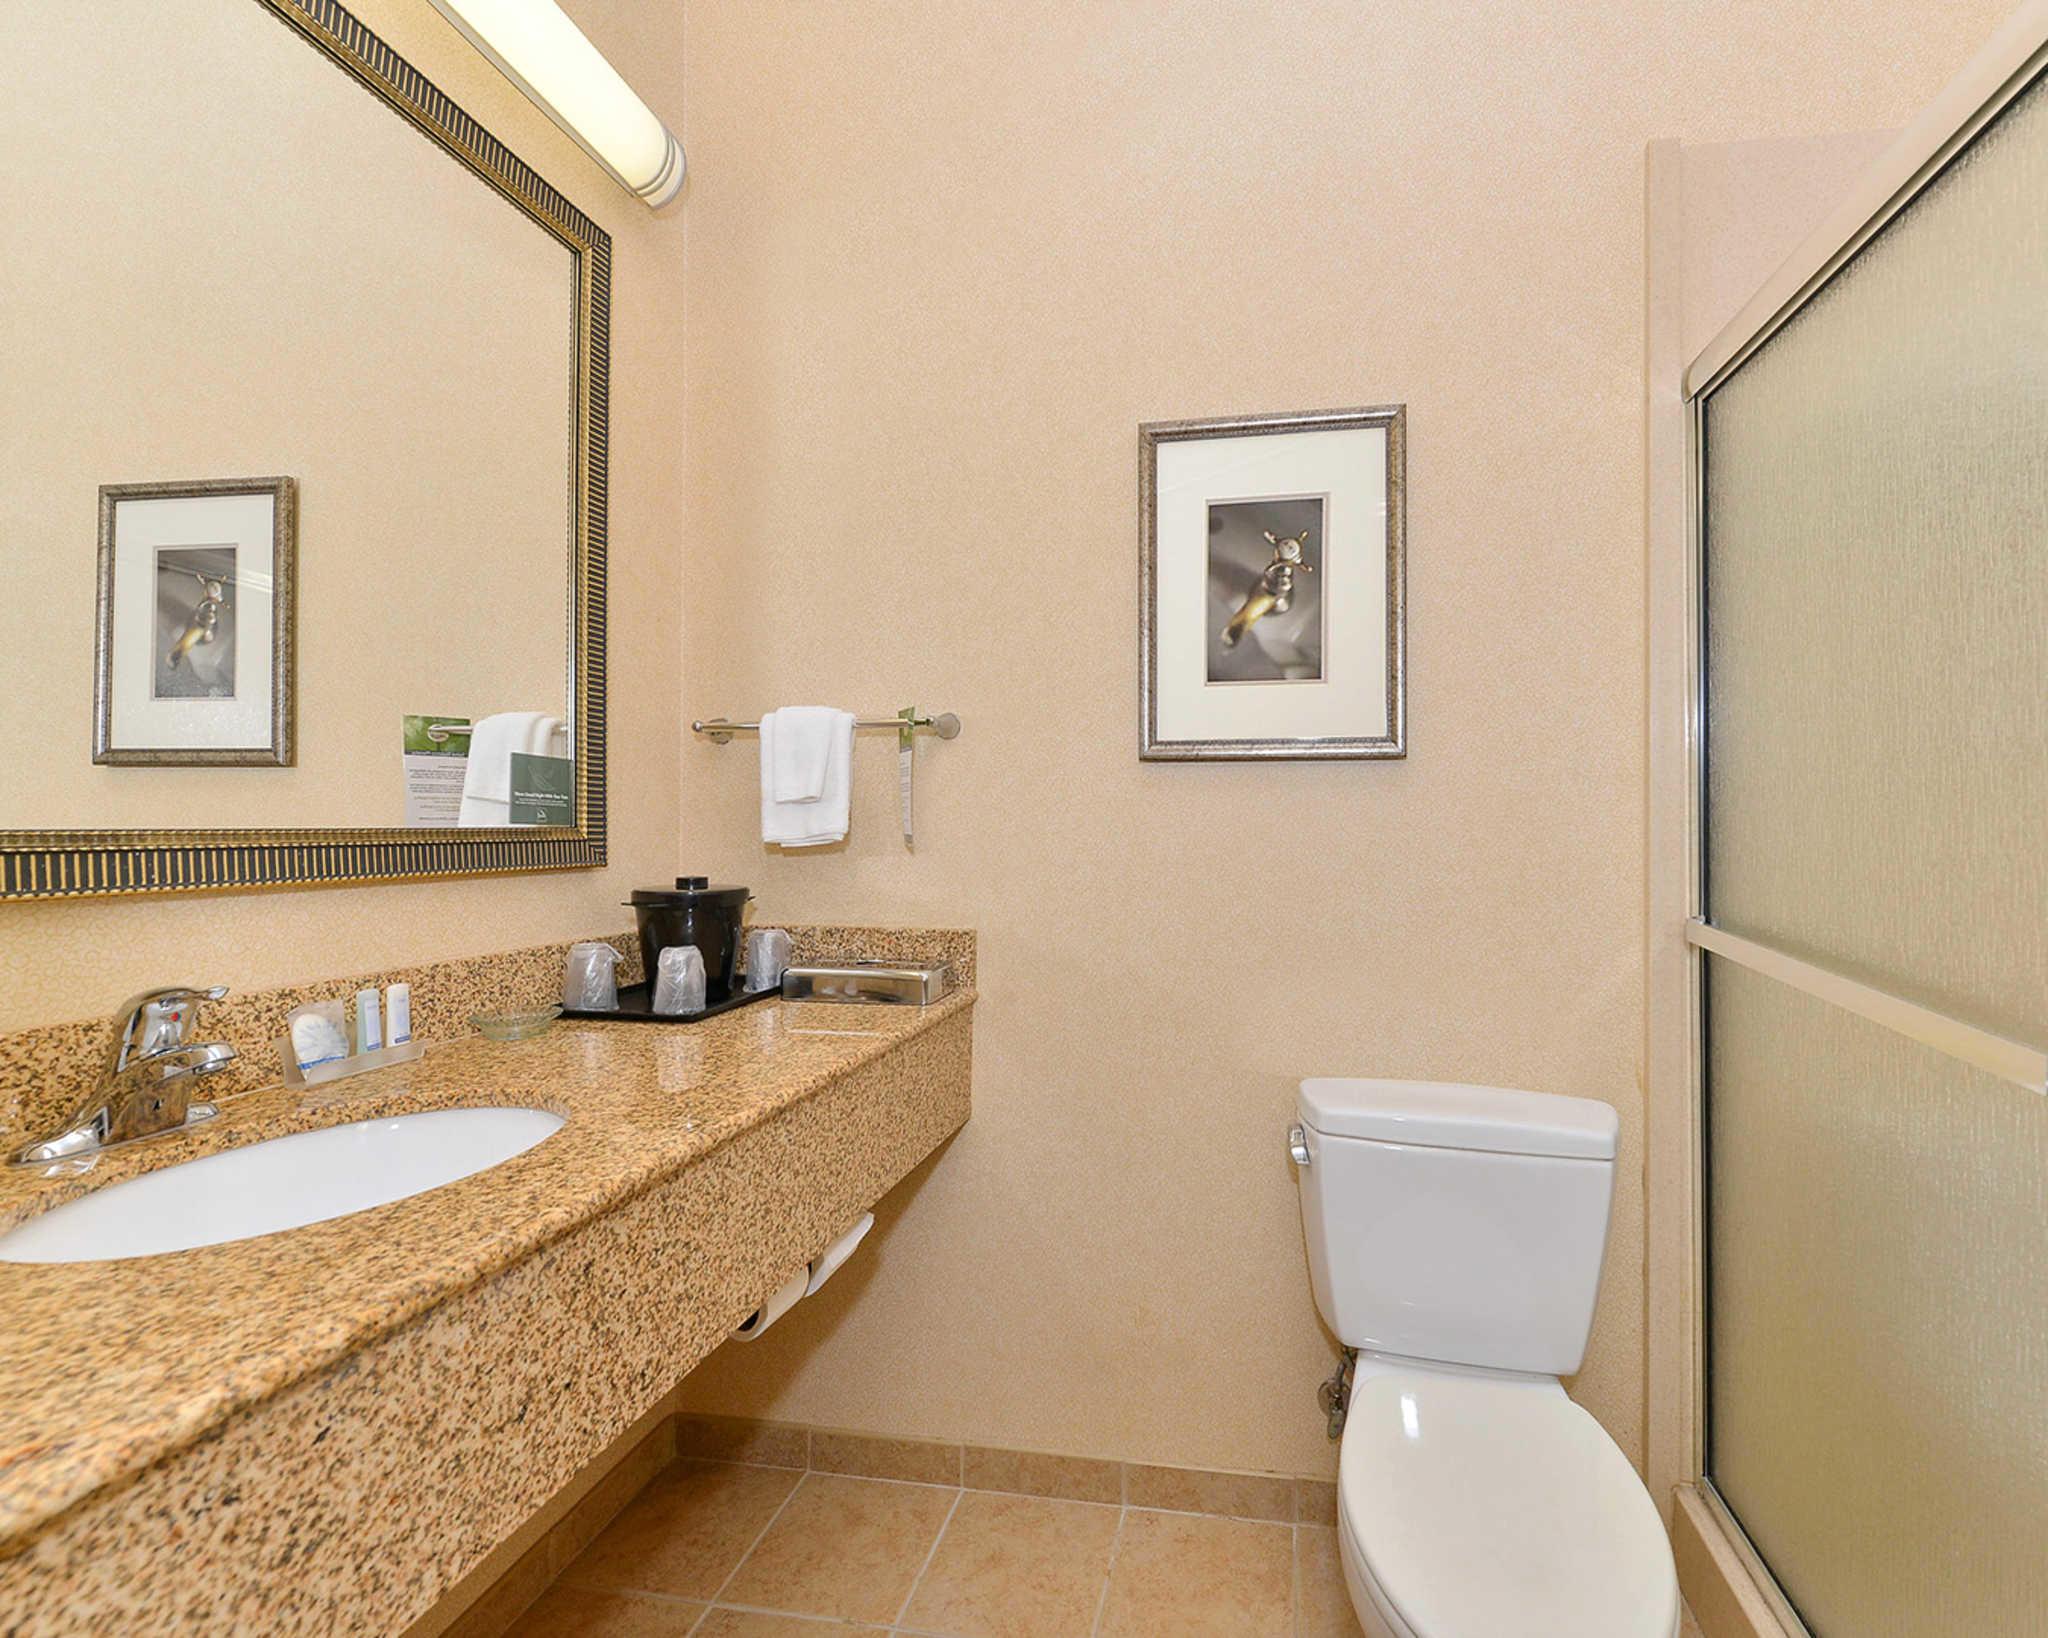 Sleep Inn & Suites Upper Marlboro near Andrews AFB image 31